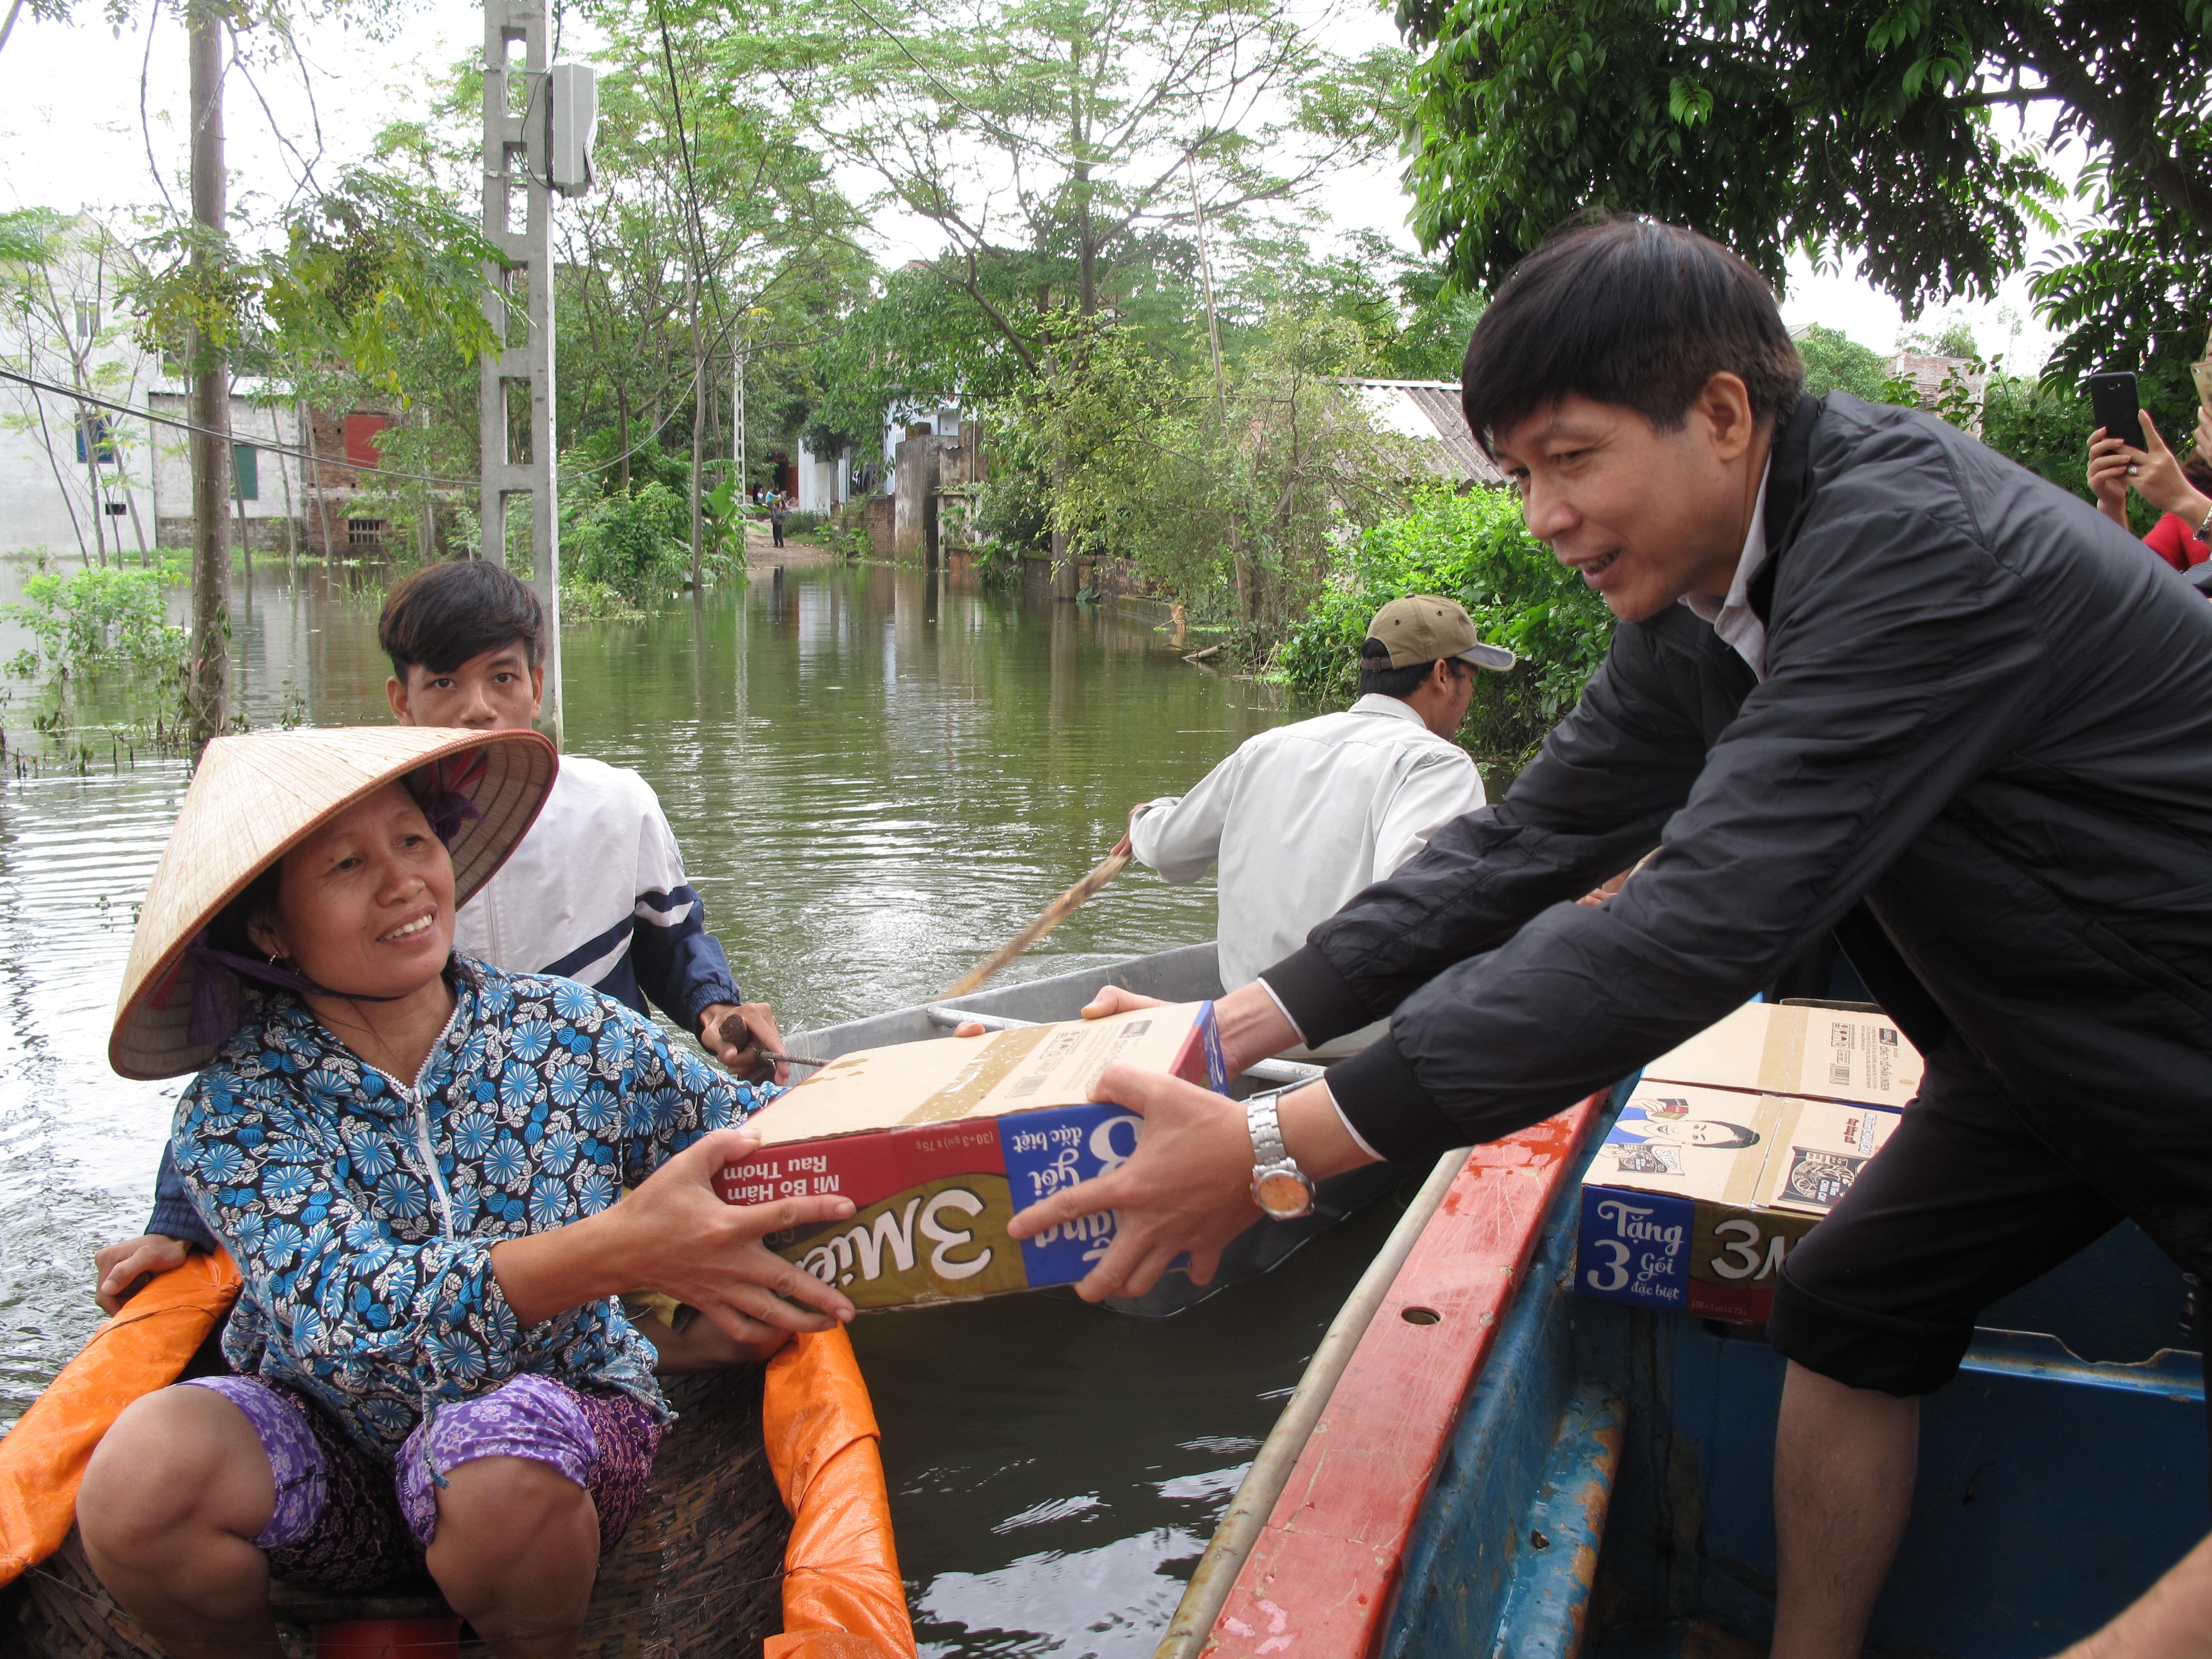 Hội ND Tp. Hà Nội: Hỗ trợ nông dân bị ảnh hưởng do mưa lớn gây ra tại huyện Chương Mỹ và huyện Mỹ Đức